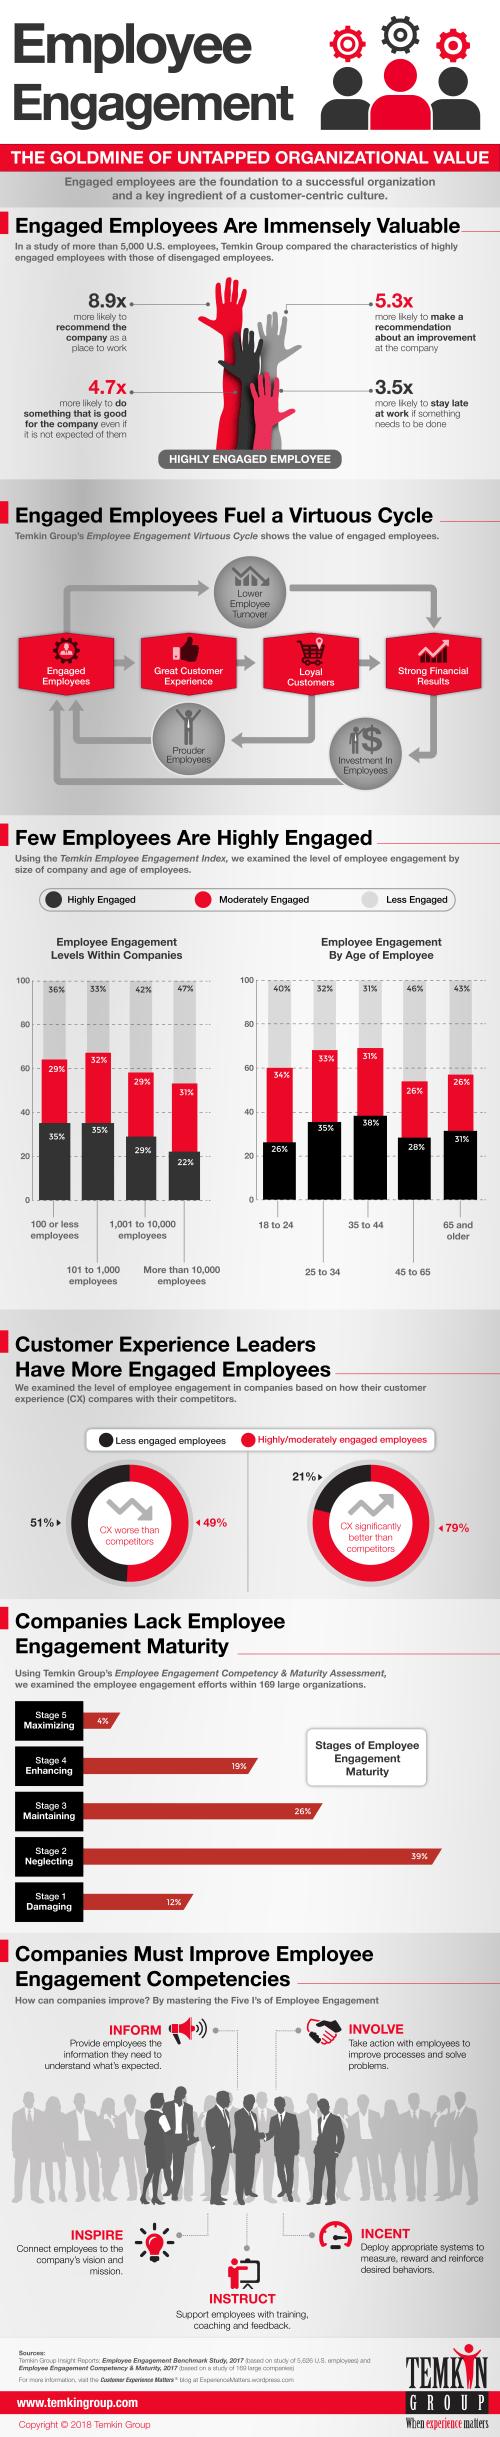 1802_EmployeeEngagement_Infographic-1